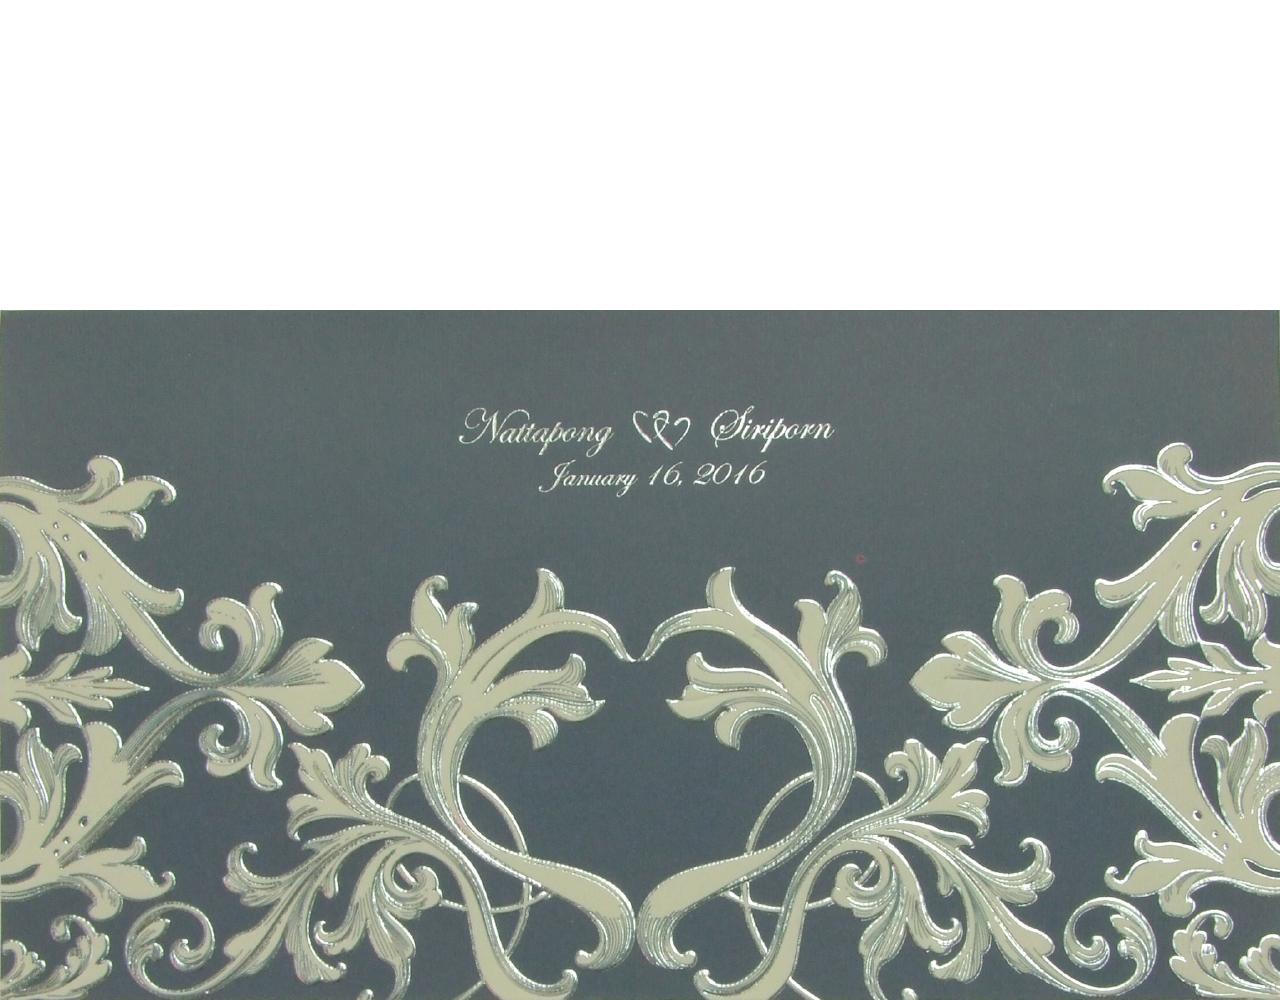 การ์ดแต่งงาน การ์ดเชิญ สีน้ำเงิน พิมพ์เคเงิน ปั๊มนูน 12x22 cm SP 5711 ฿ 9.50